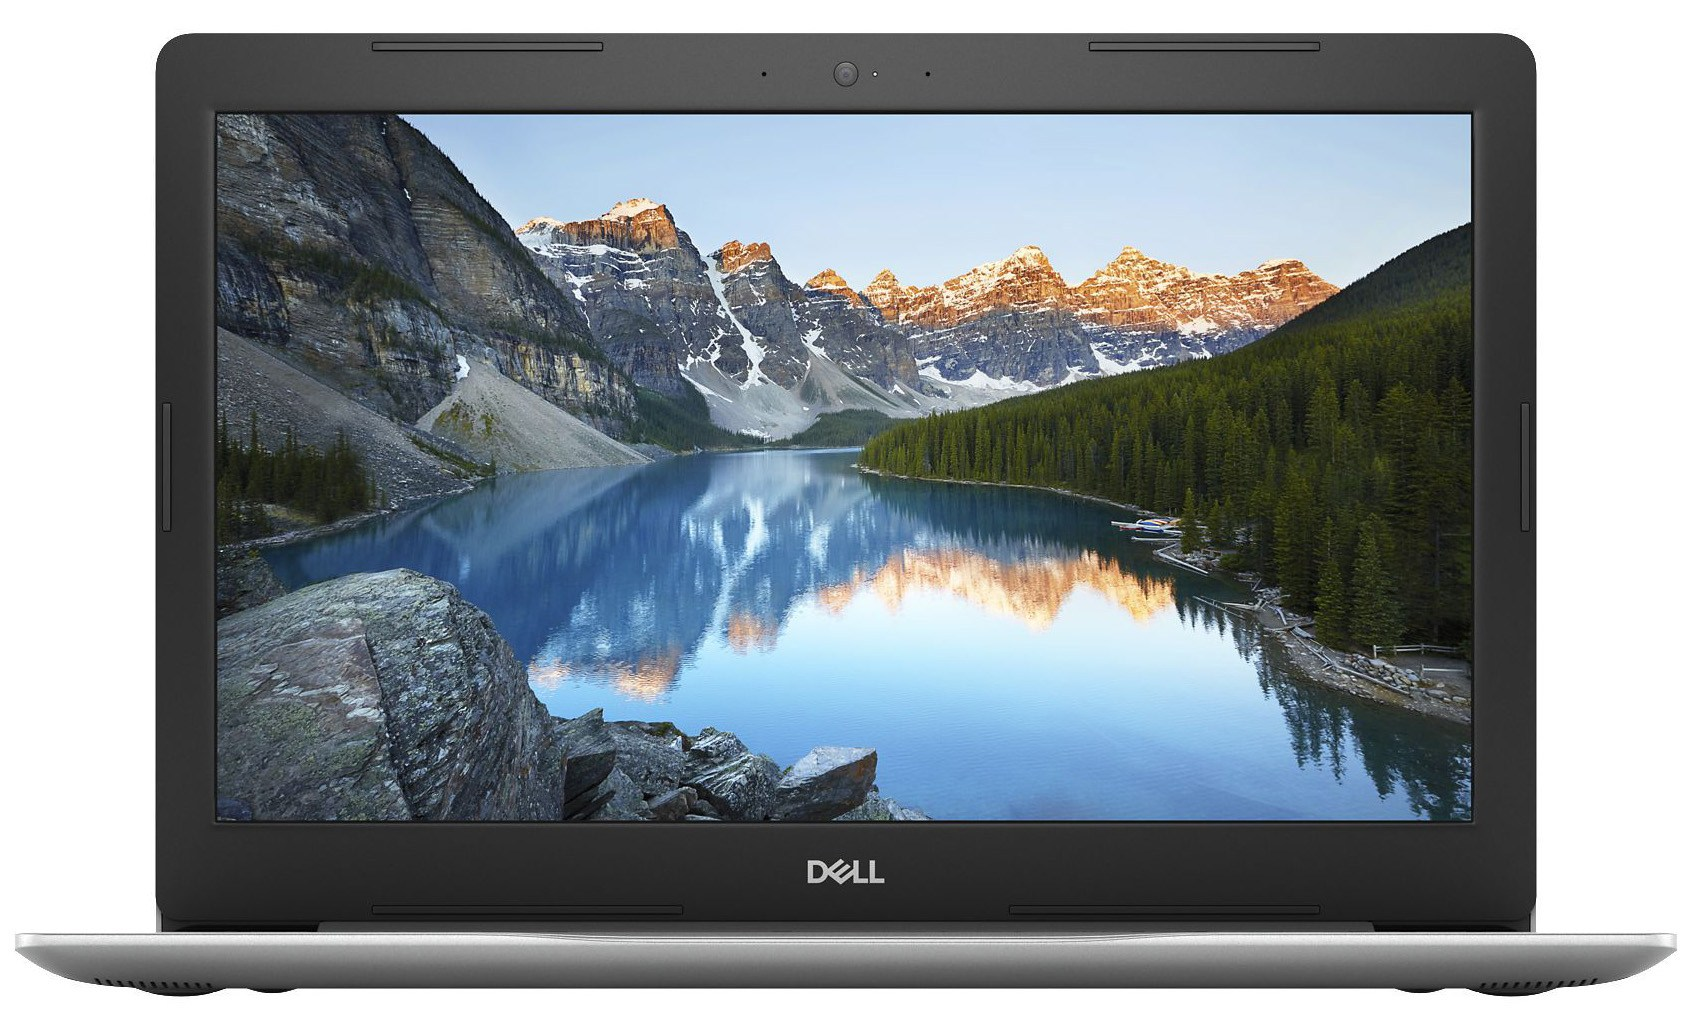 Notebook Dell Inspiron 5570 15.6 Full HD Intel Core i5-8250U Radeon 530-4GB RAM 8GB HDD 1TB + SSD 128GB Windows 10 Home